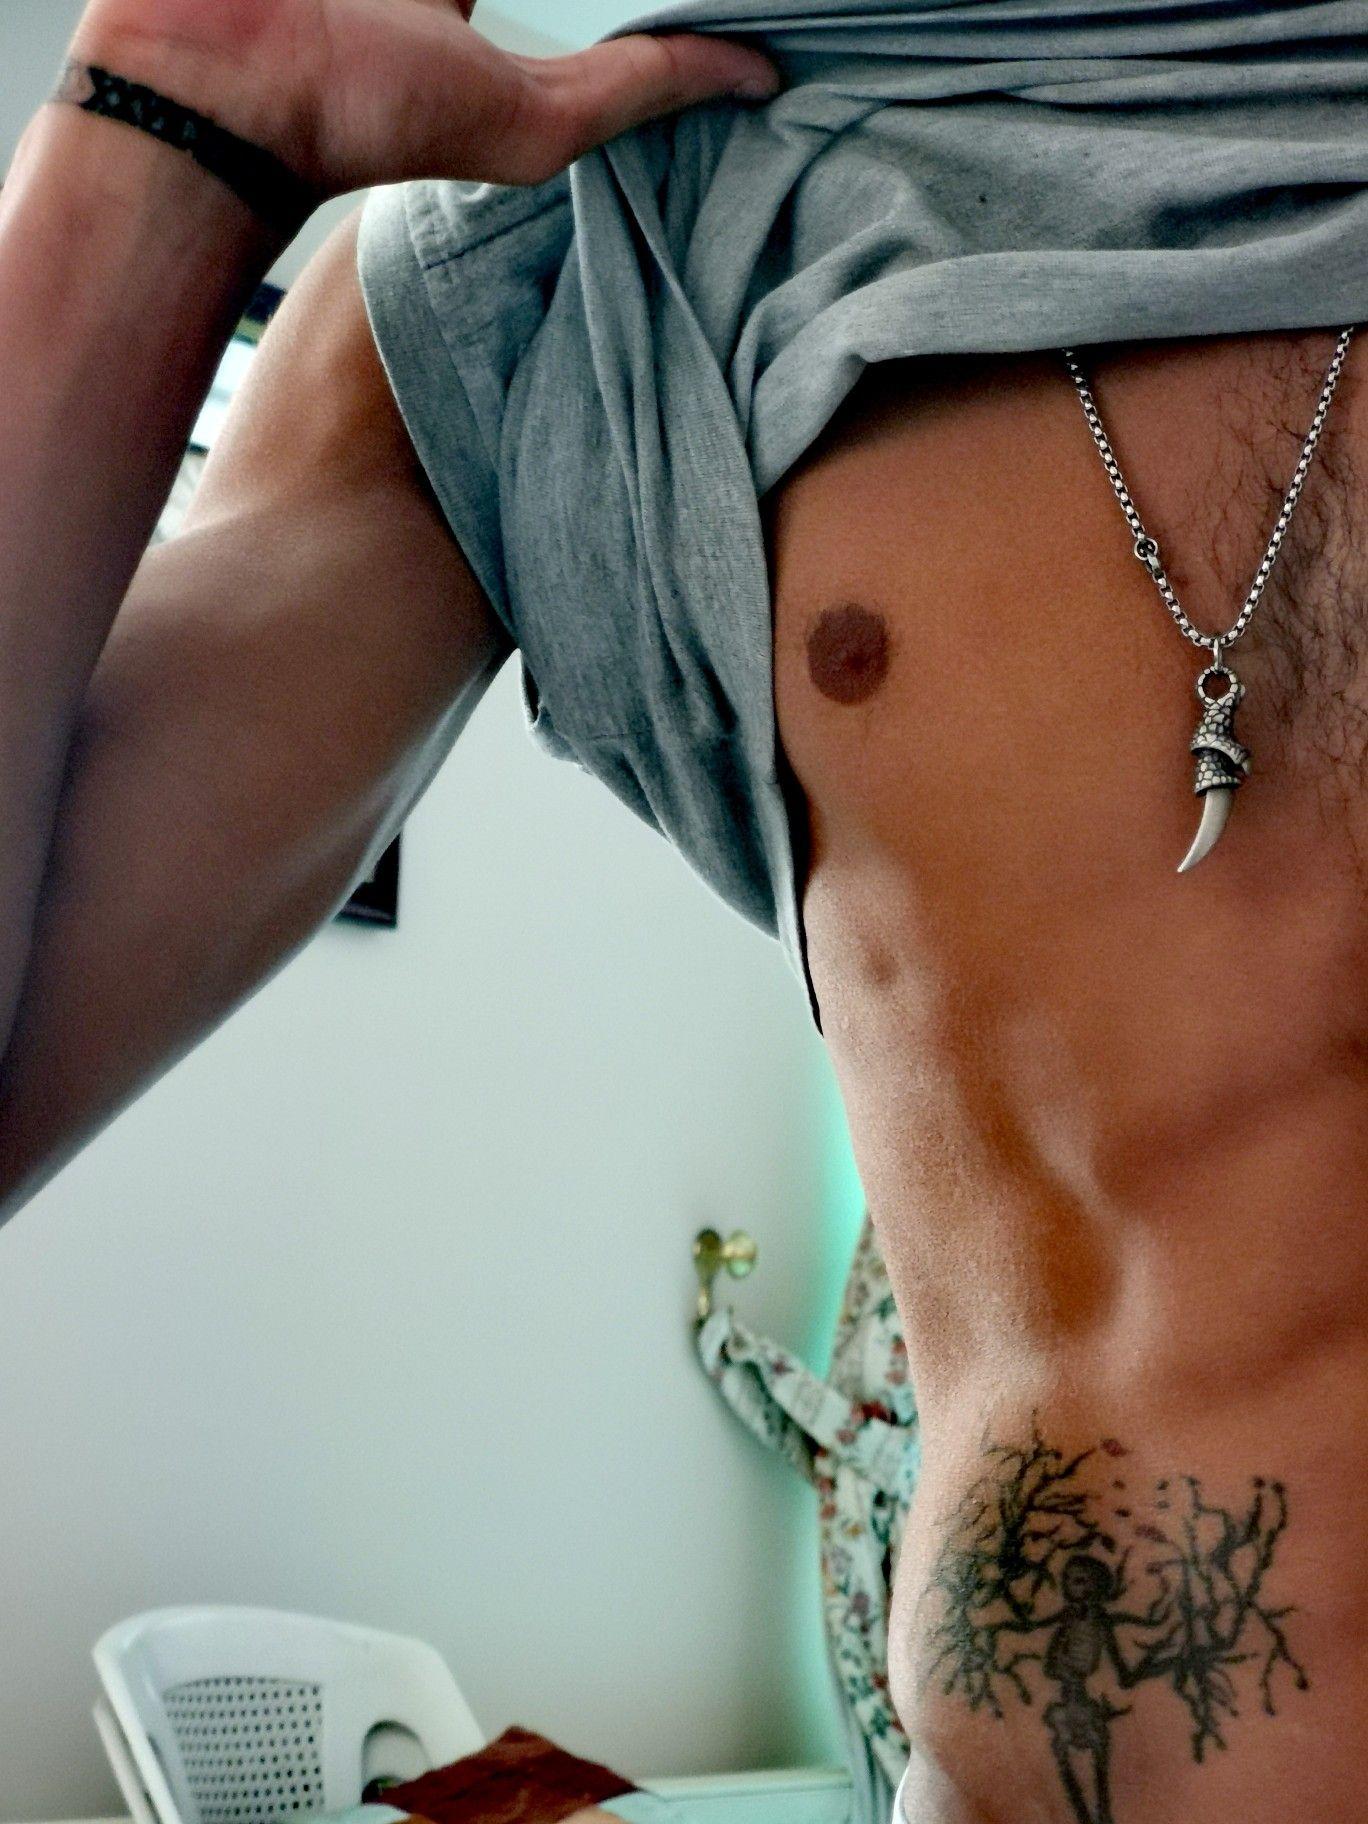 Stomach V Line Tattoo